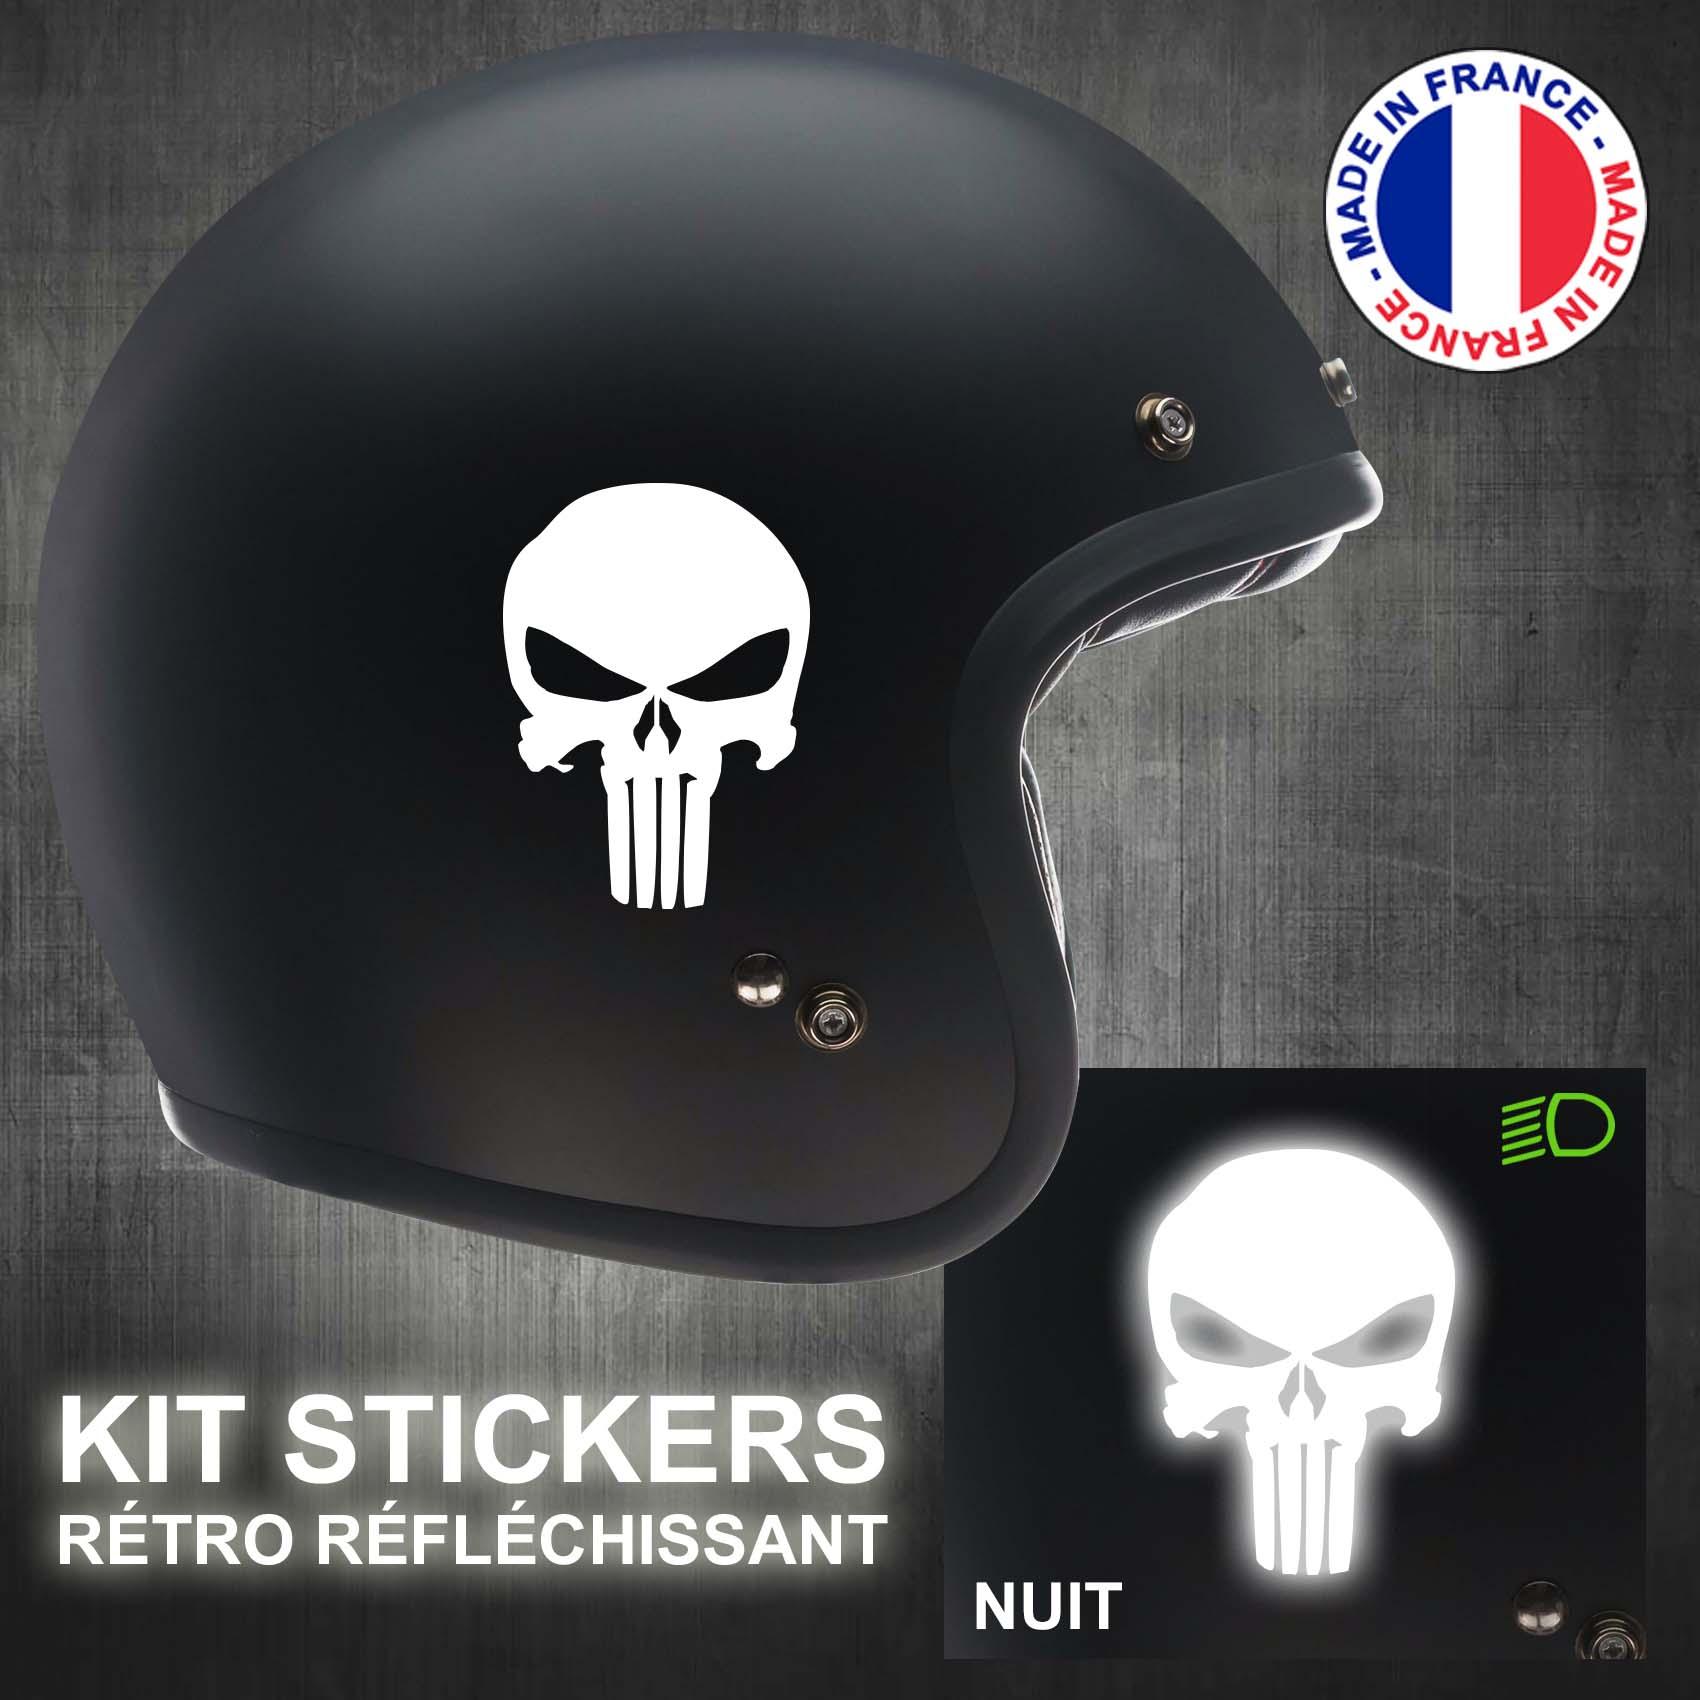 Stickers r/étro r/éfl/échissant pour Casque de Moto The Punisher